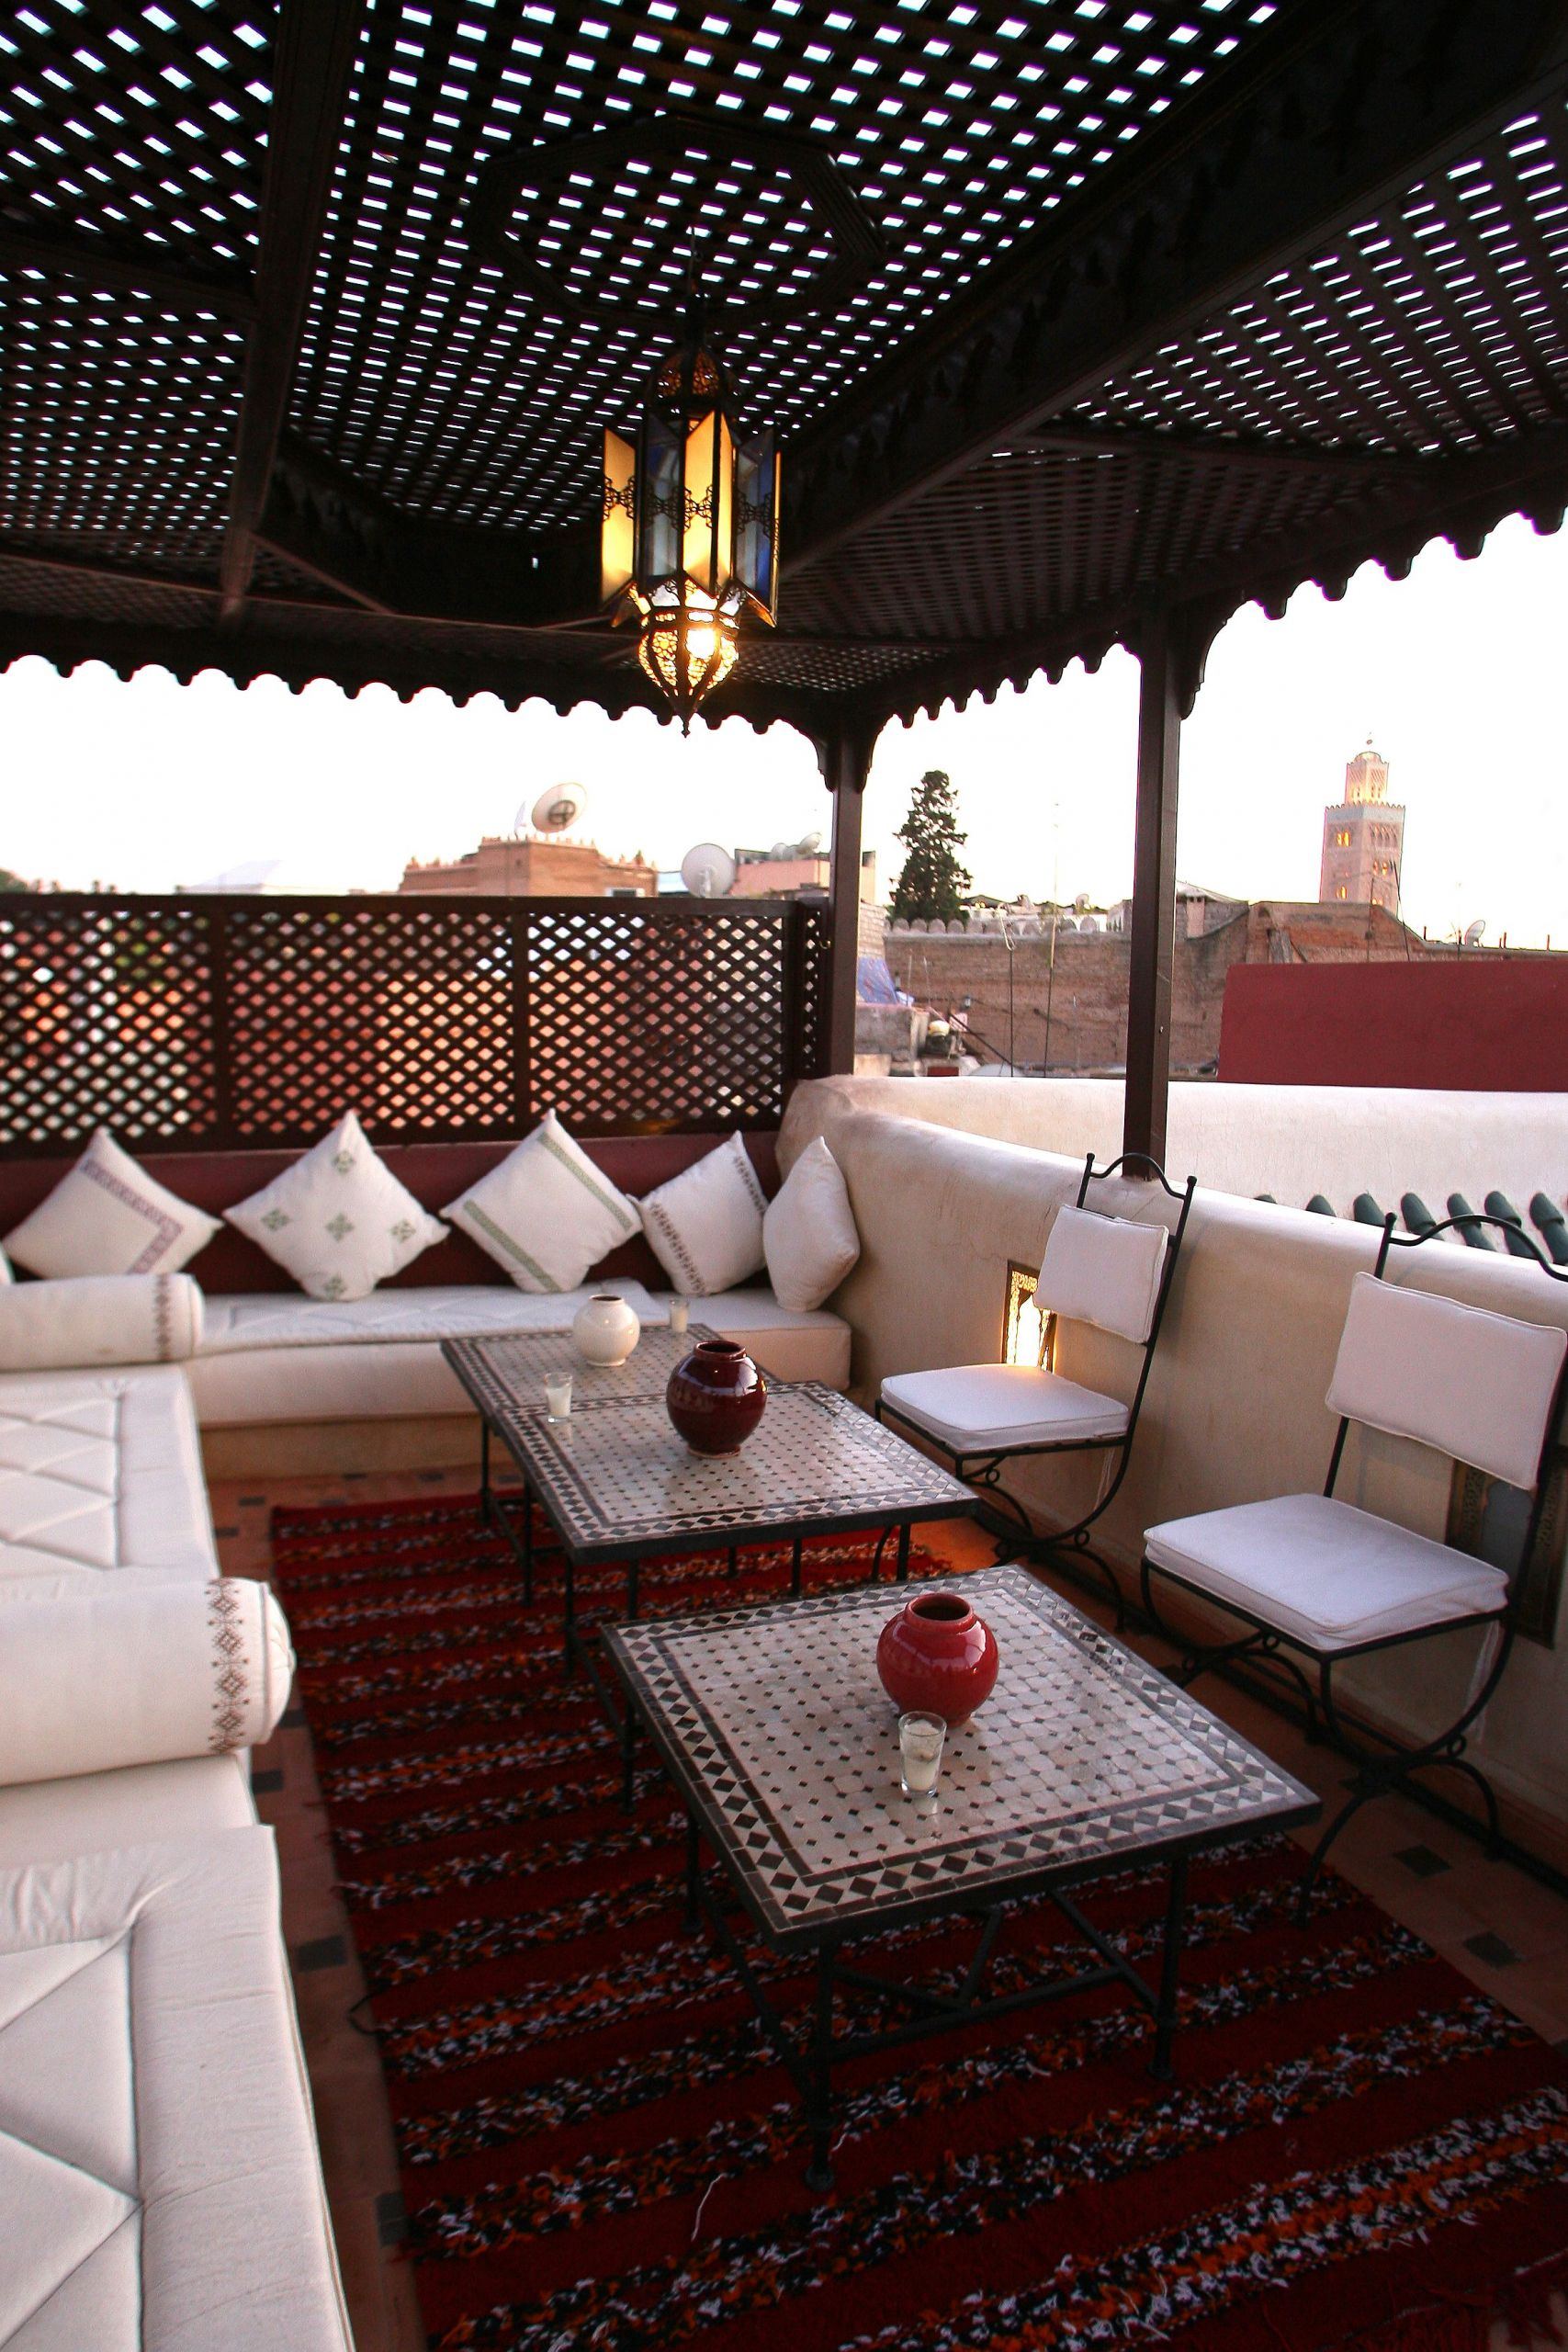 Salon De Jardin Marocain Génial Les Jardins De Majorelle ... concernant Salon De Jardin Geant Casino